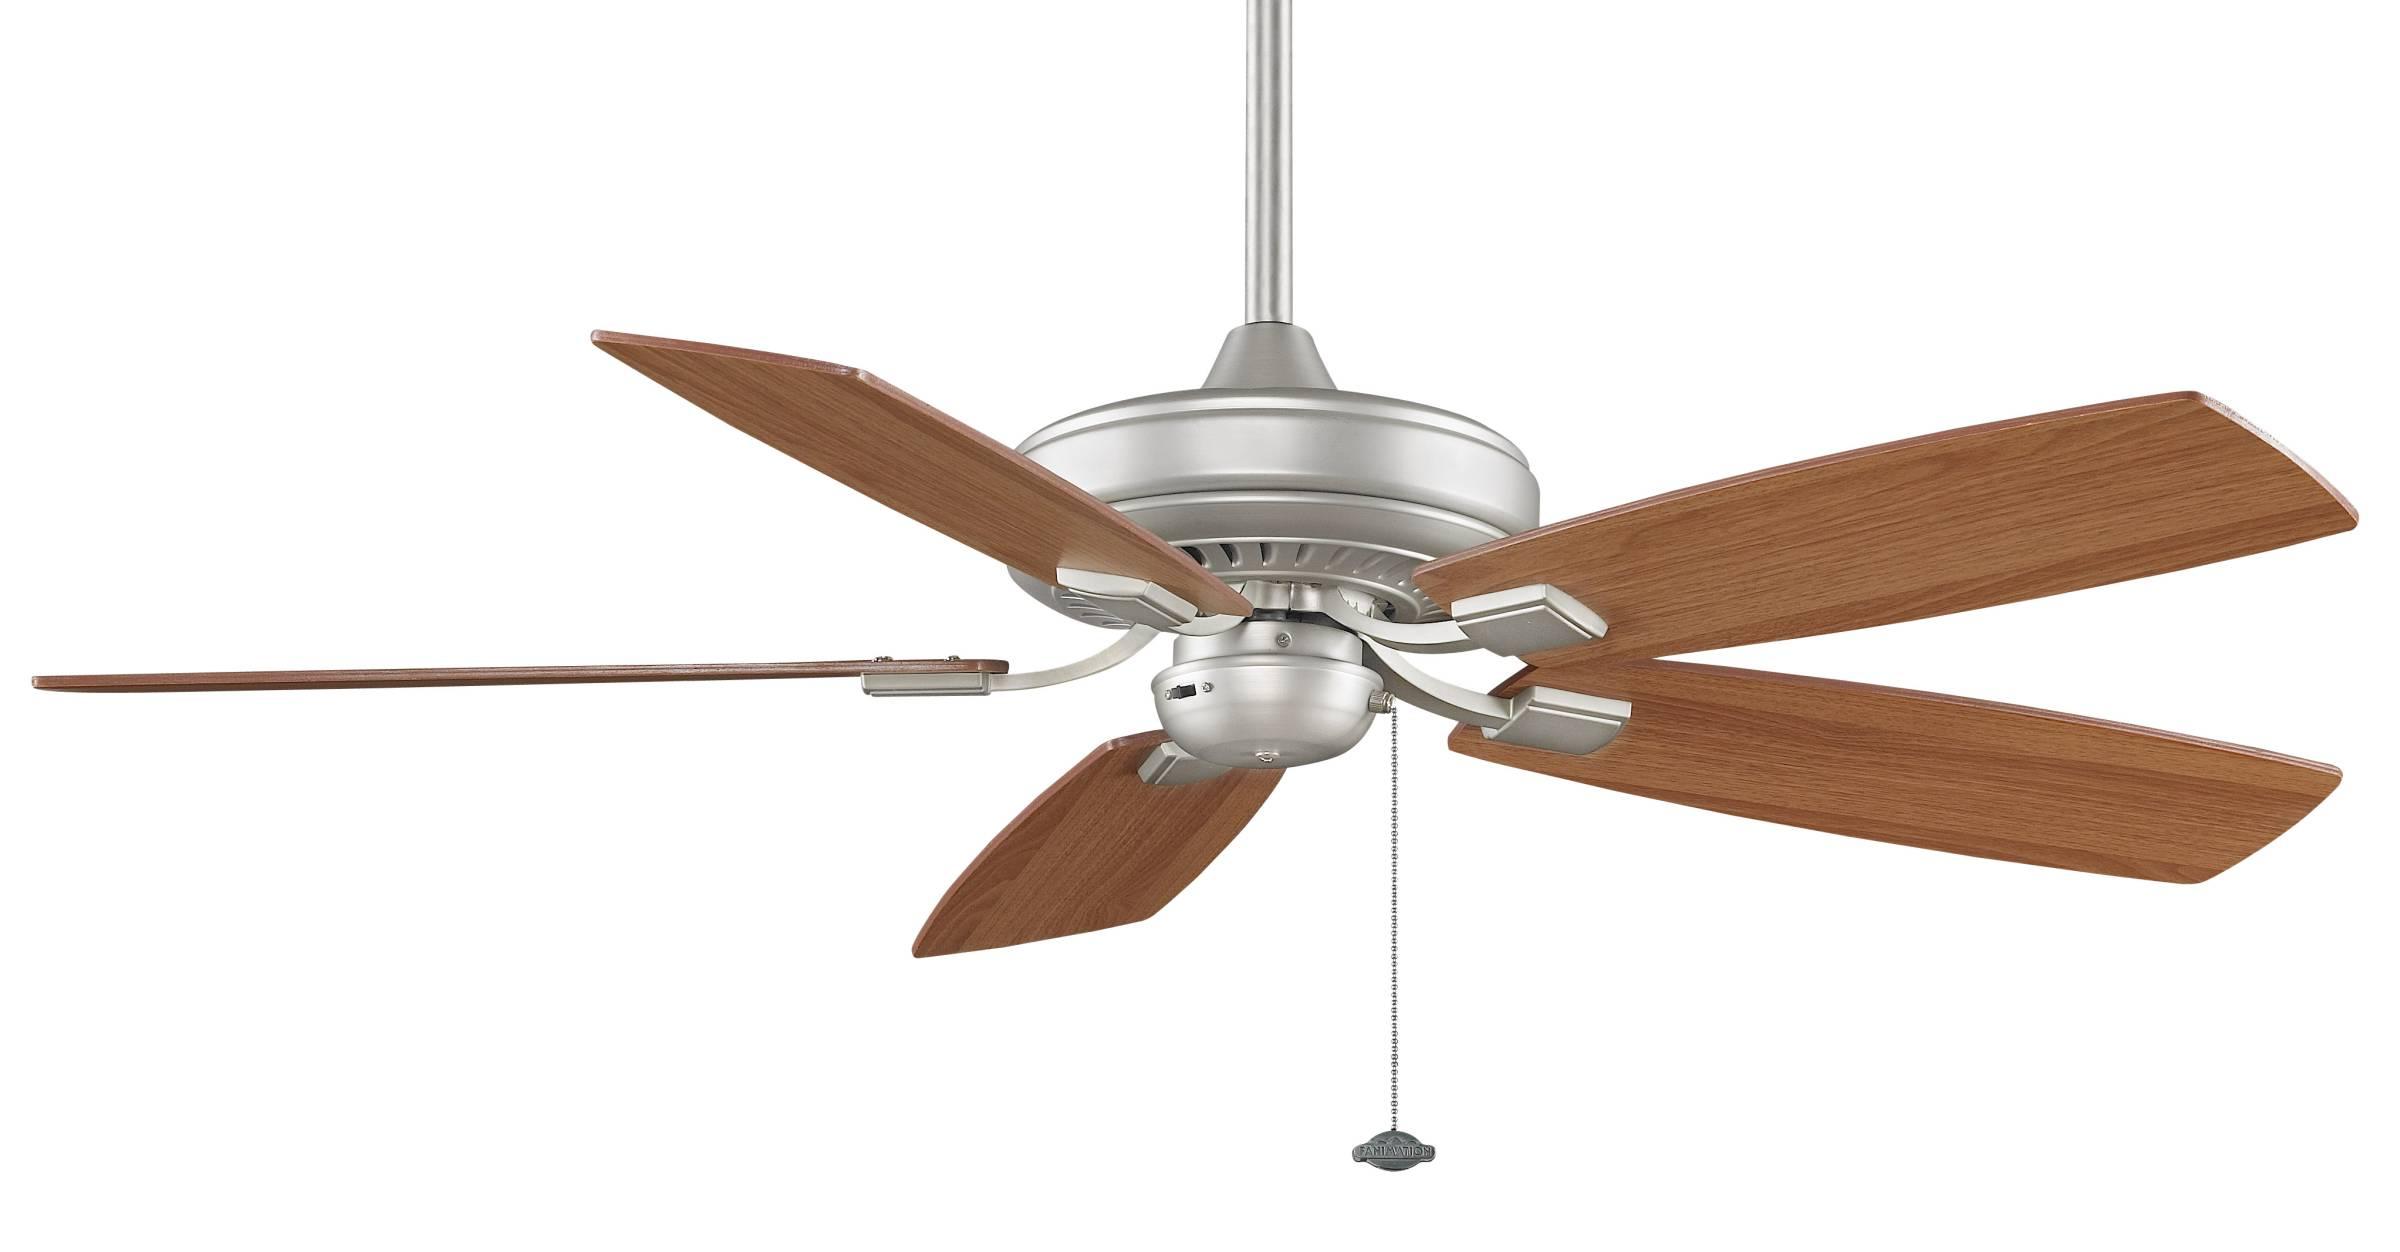 decorative ceiling fans photo - 9